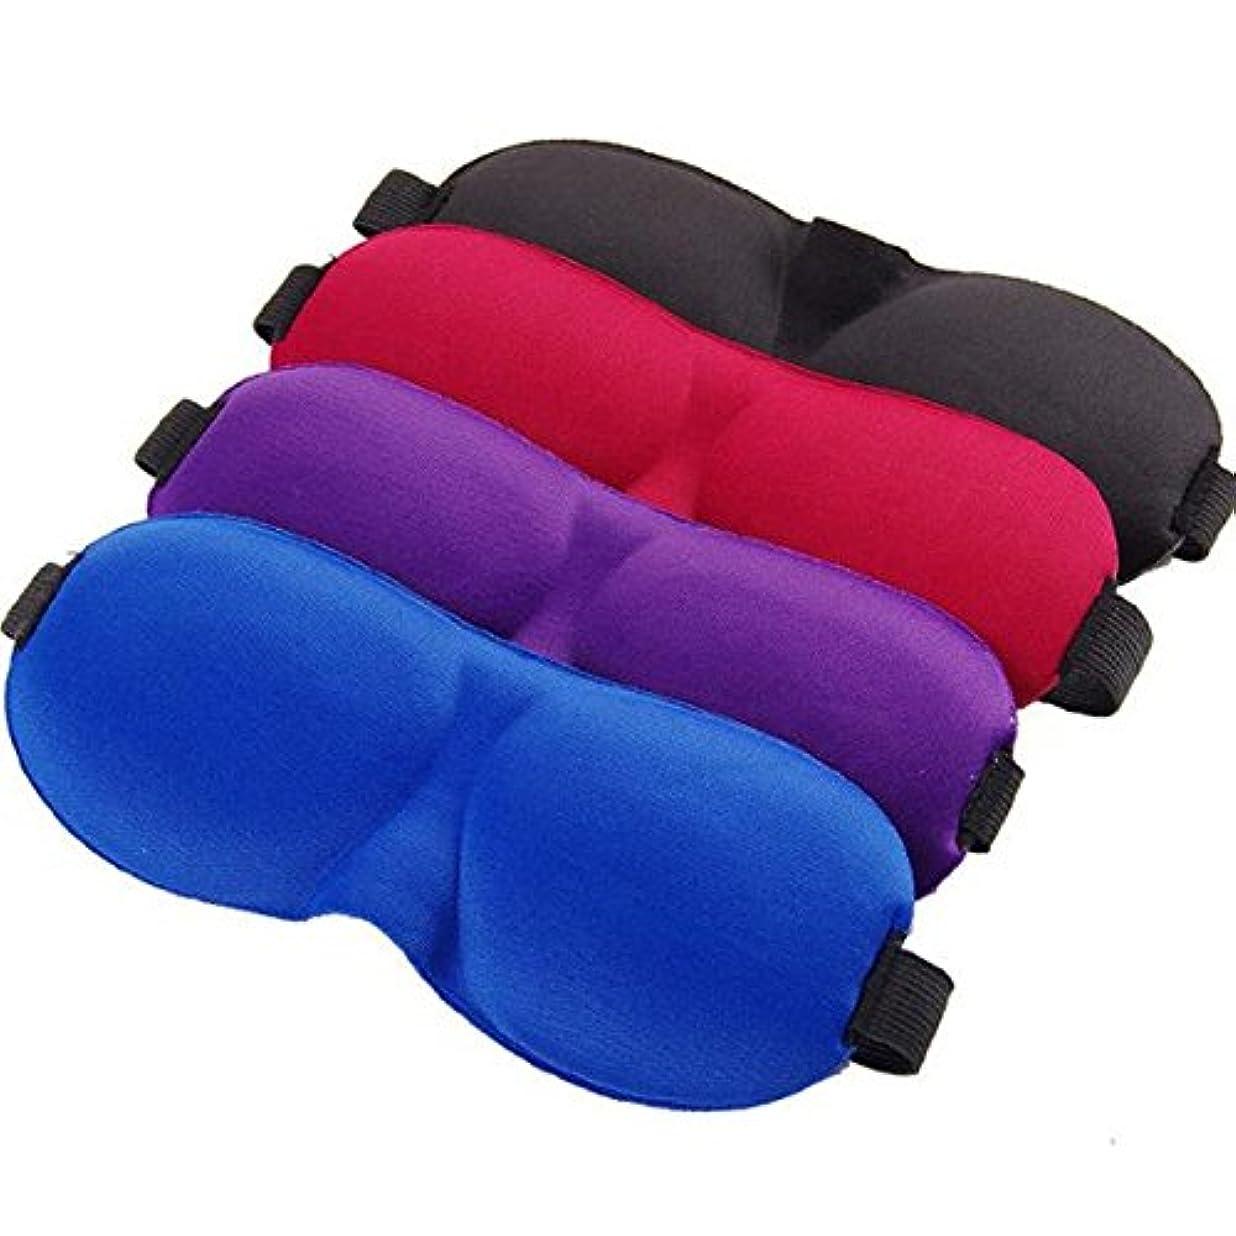 アイロニーボーカル優れたNOTE 2ピース/ロット5色アイカバー睡眠マスク休息旅行マッサージリラックス睡眠補助薬目隠しアイシェードパッチ眠っている熱い